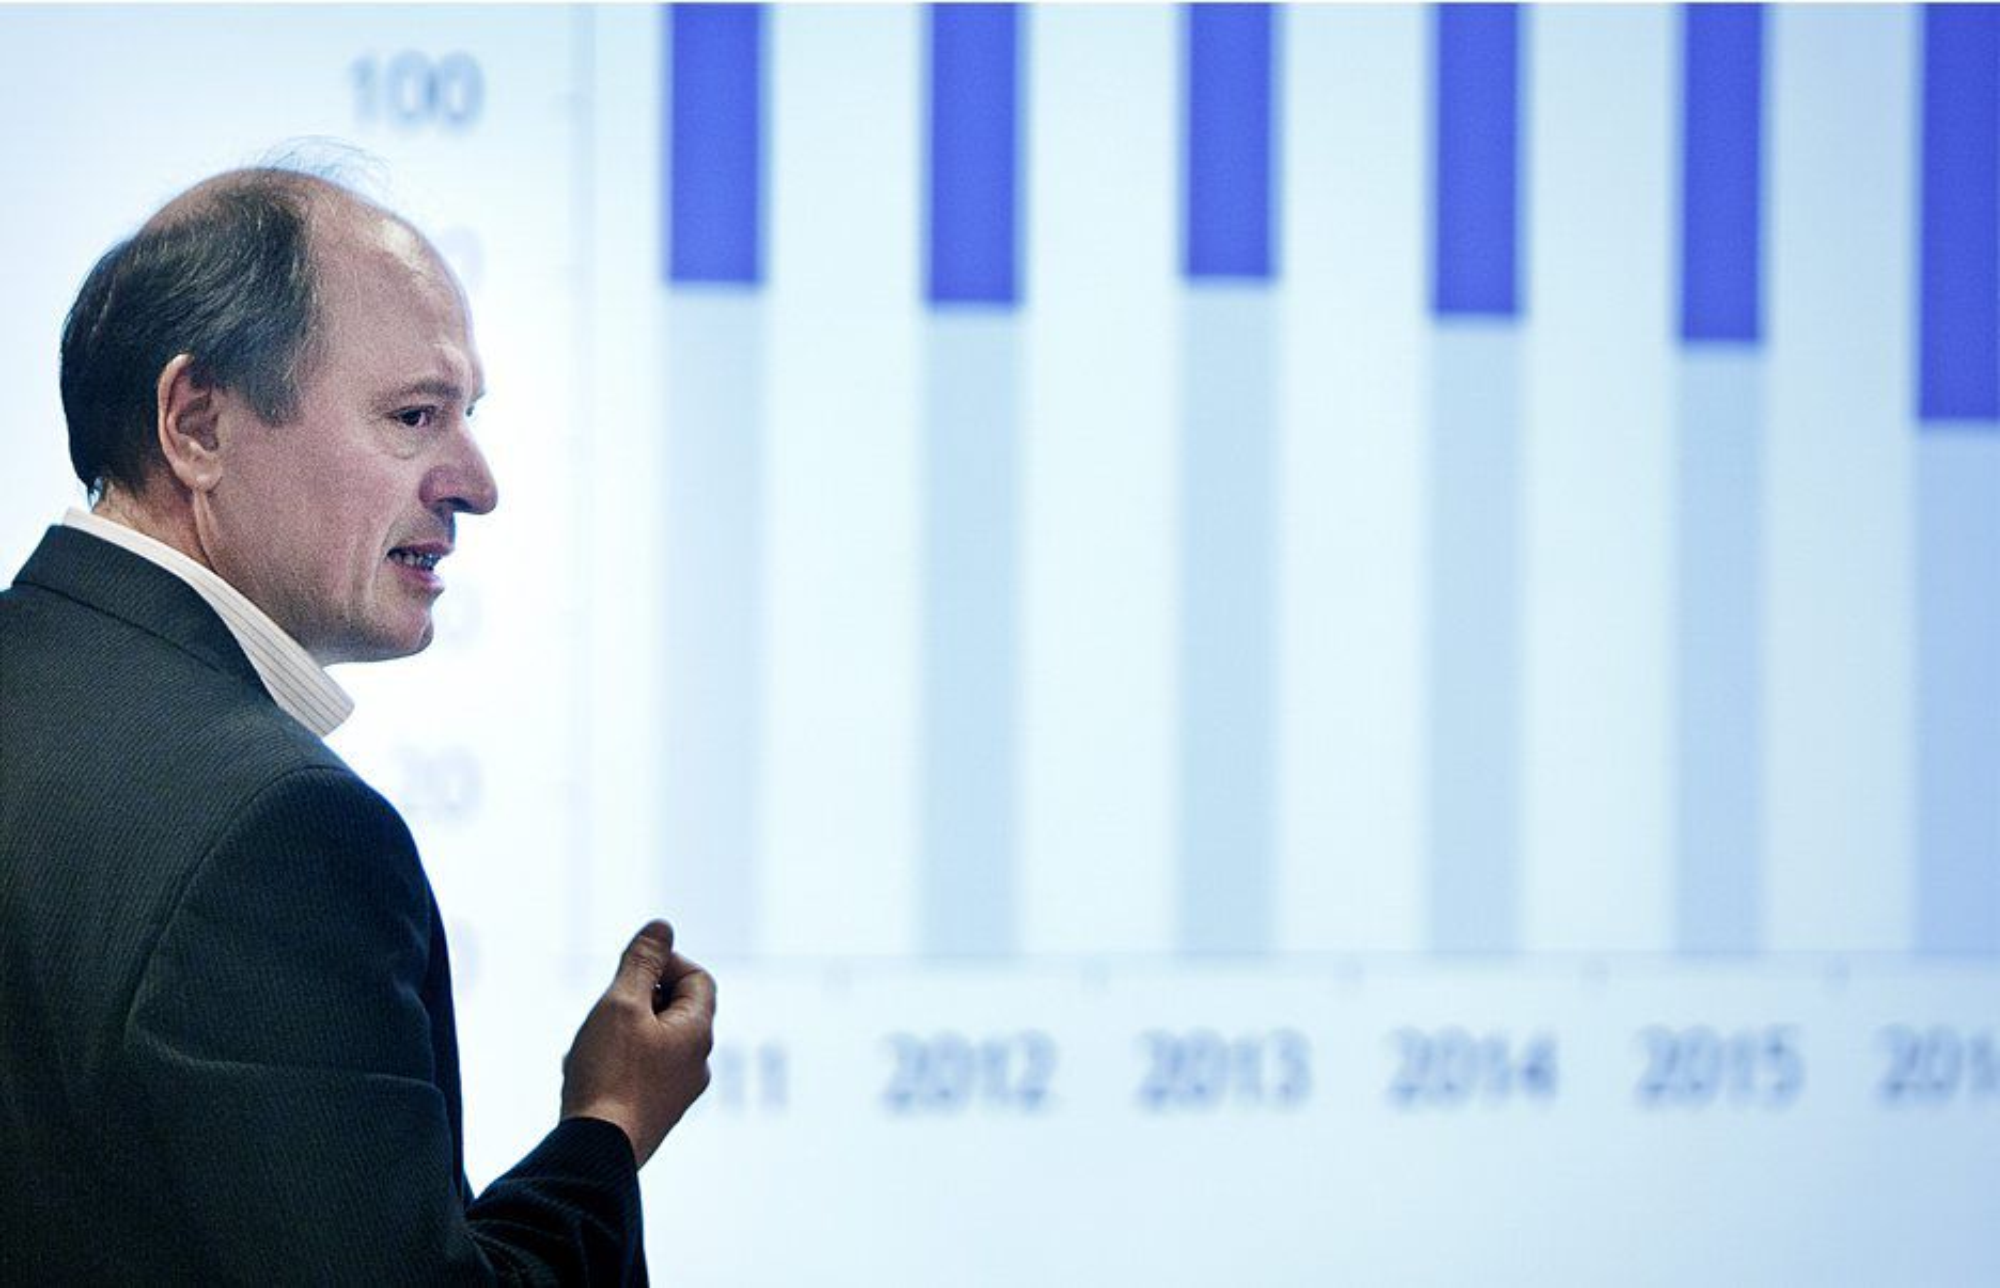 SSB spår rekordhøye investeringer i 2012. Her er Bjørn Harald Martinsen i OLF under fremleggelsen av OLFs konjunkturrapport.